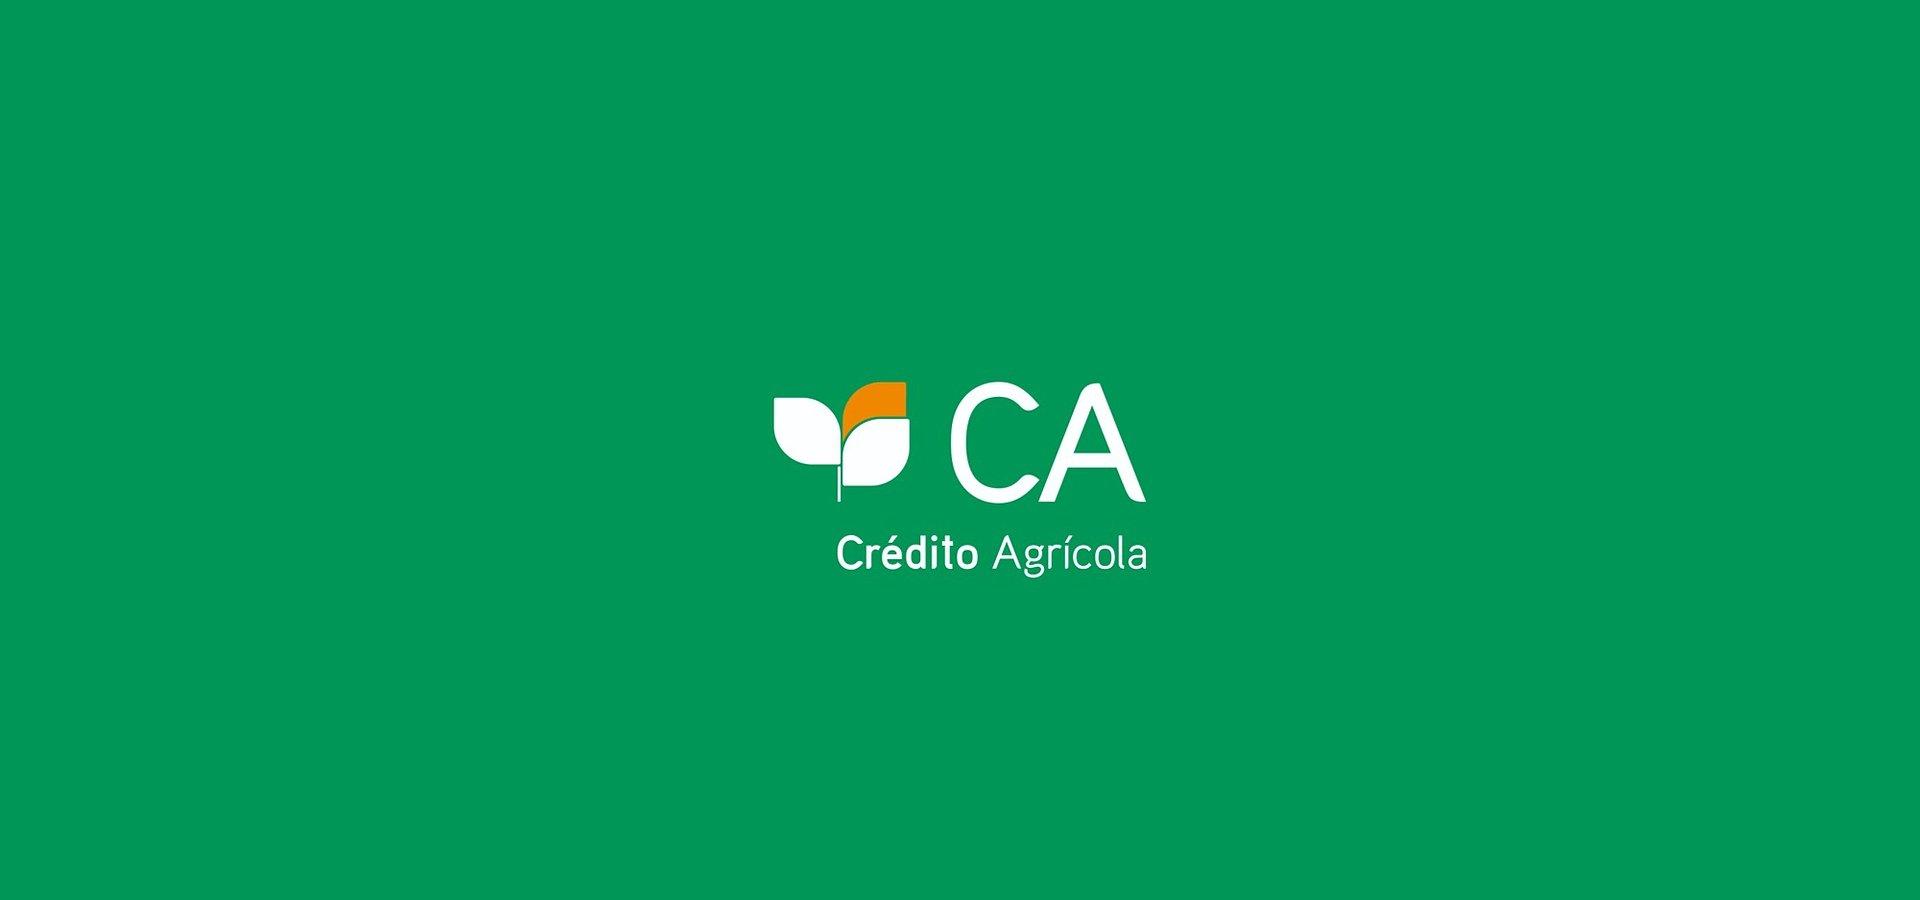 Crédito Agrícola apresenta um resultado líquido de €33,8M no primeiro trimestre do ano